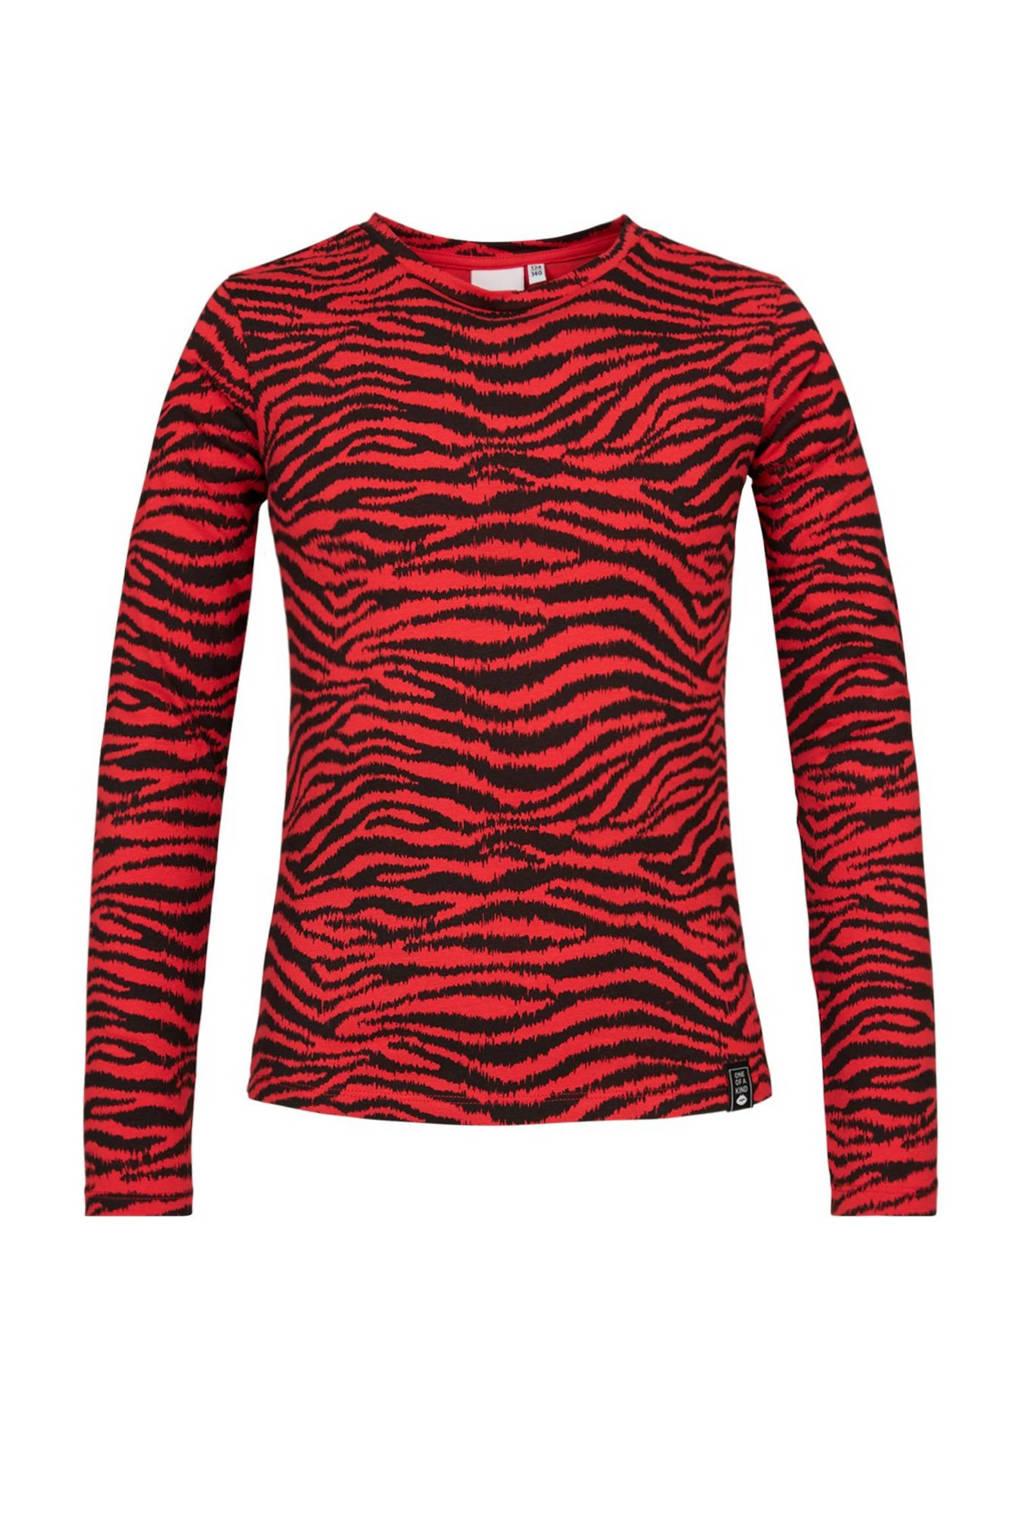 CoolCat Junior longsleeve Liv met zebraprint rood/zwart, Rood/zwart